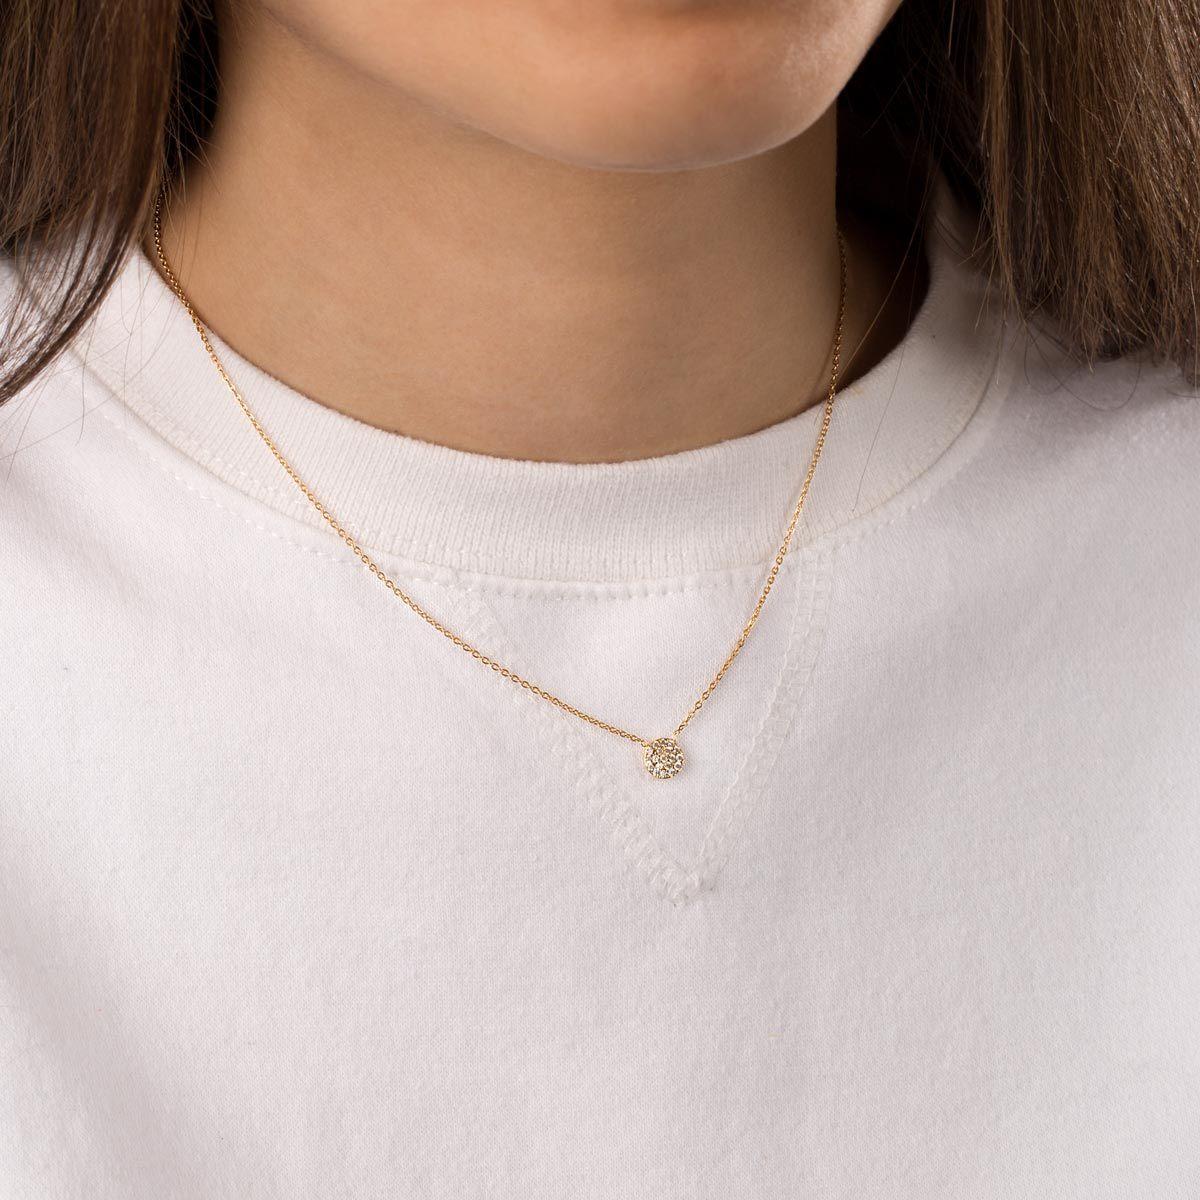 گردنبند طلا دایره کوچک